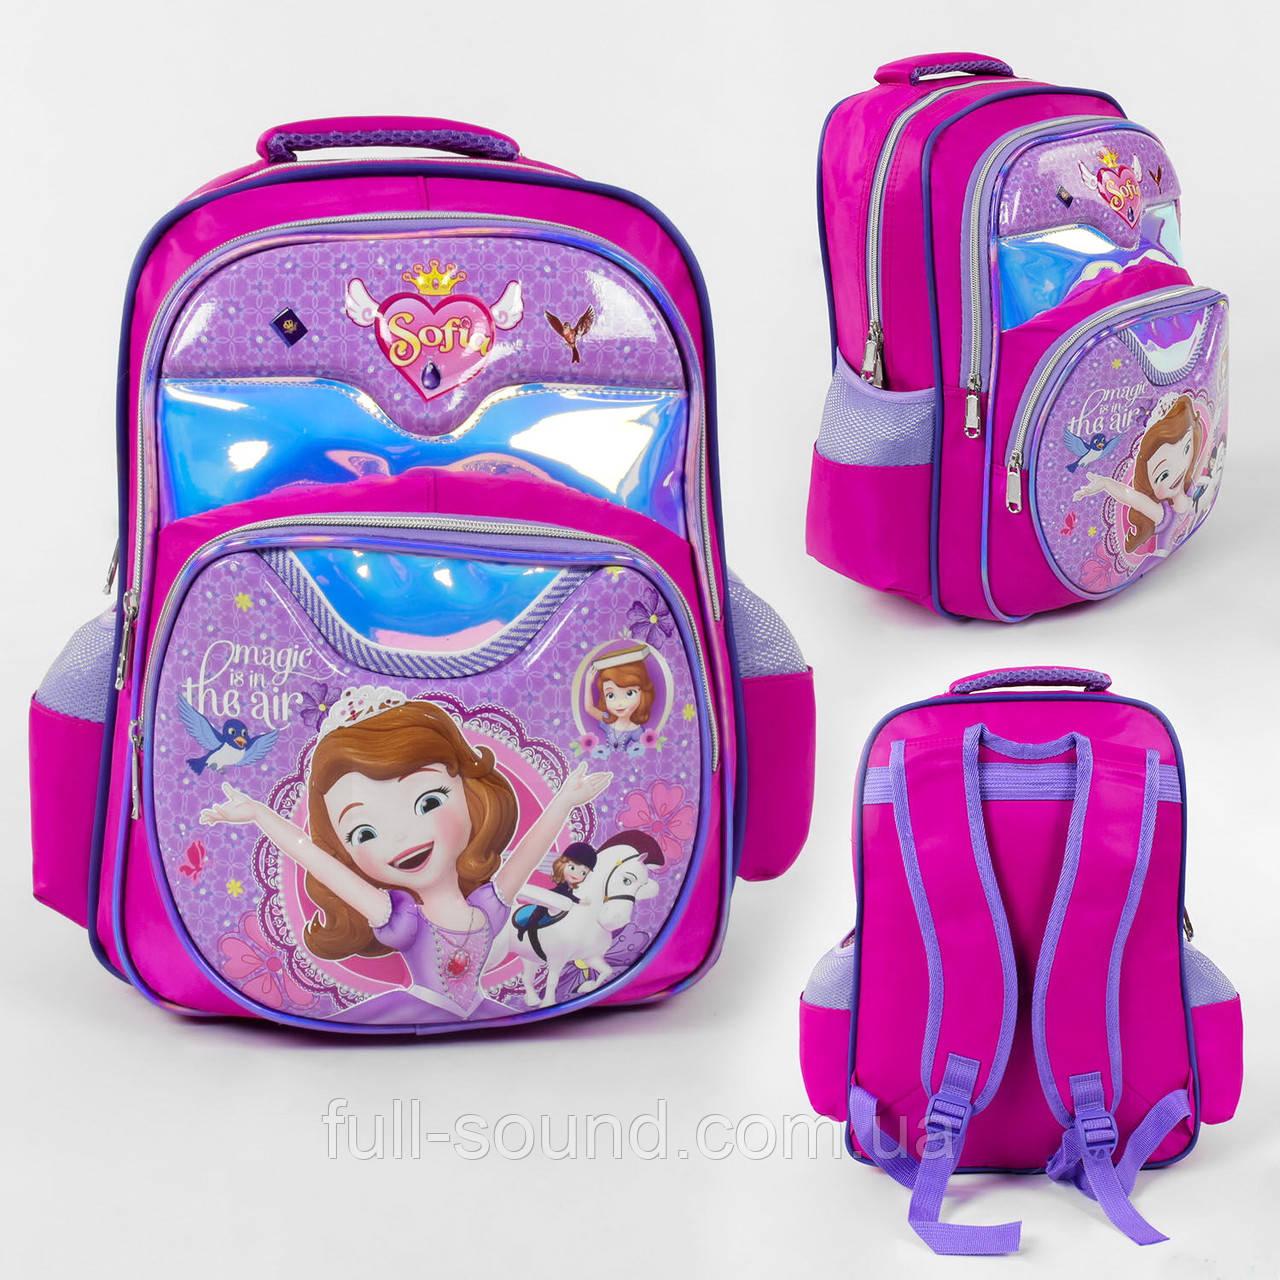 Шкільний рюкзак Софія З 4357